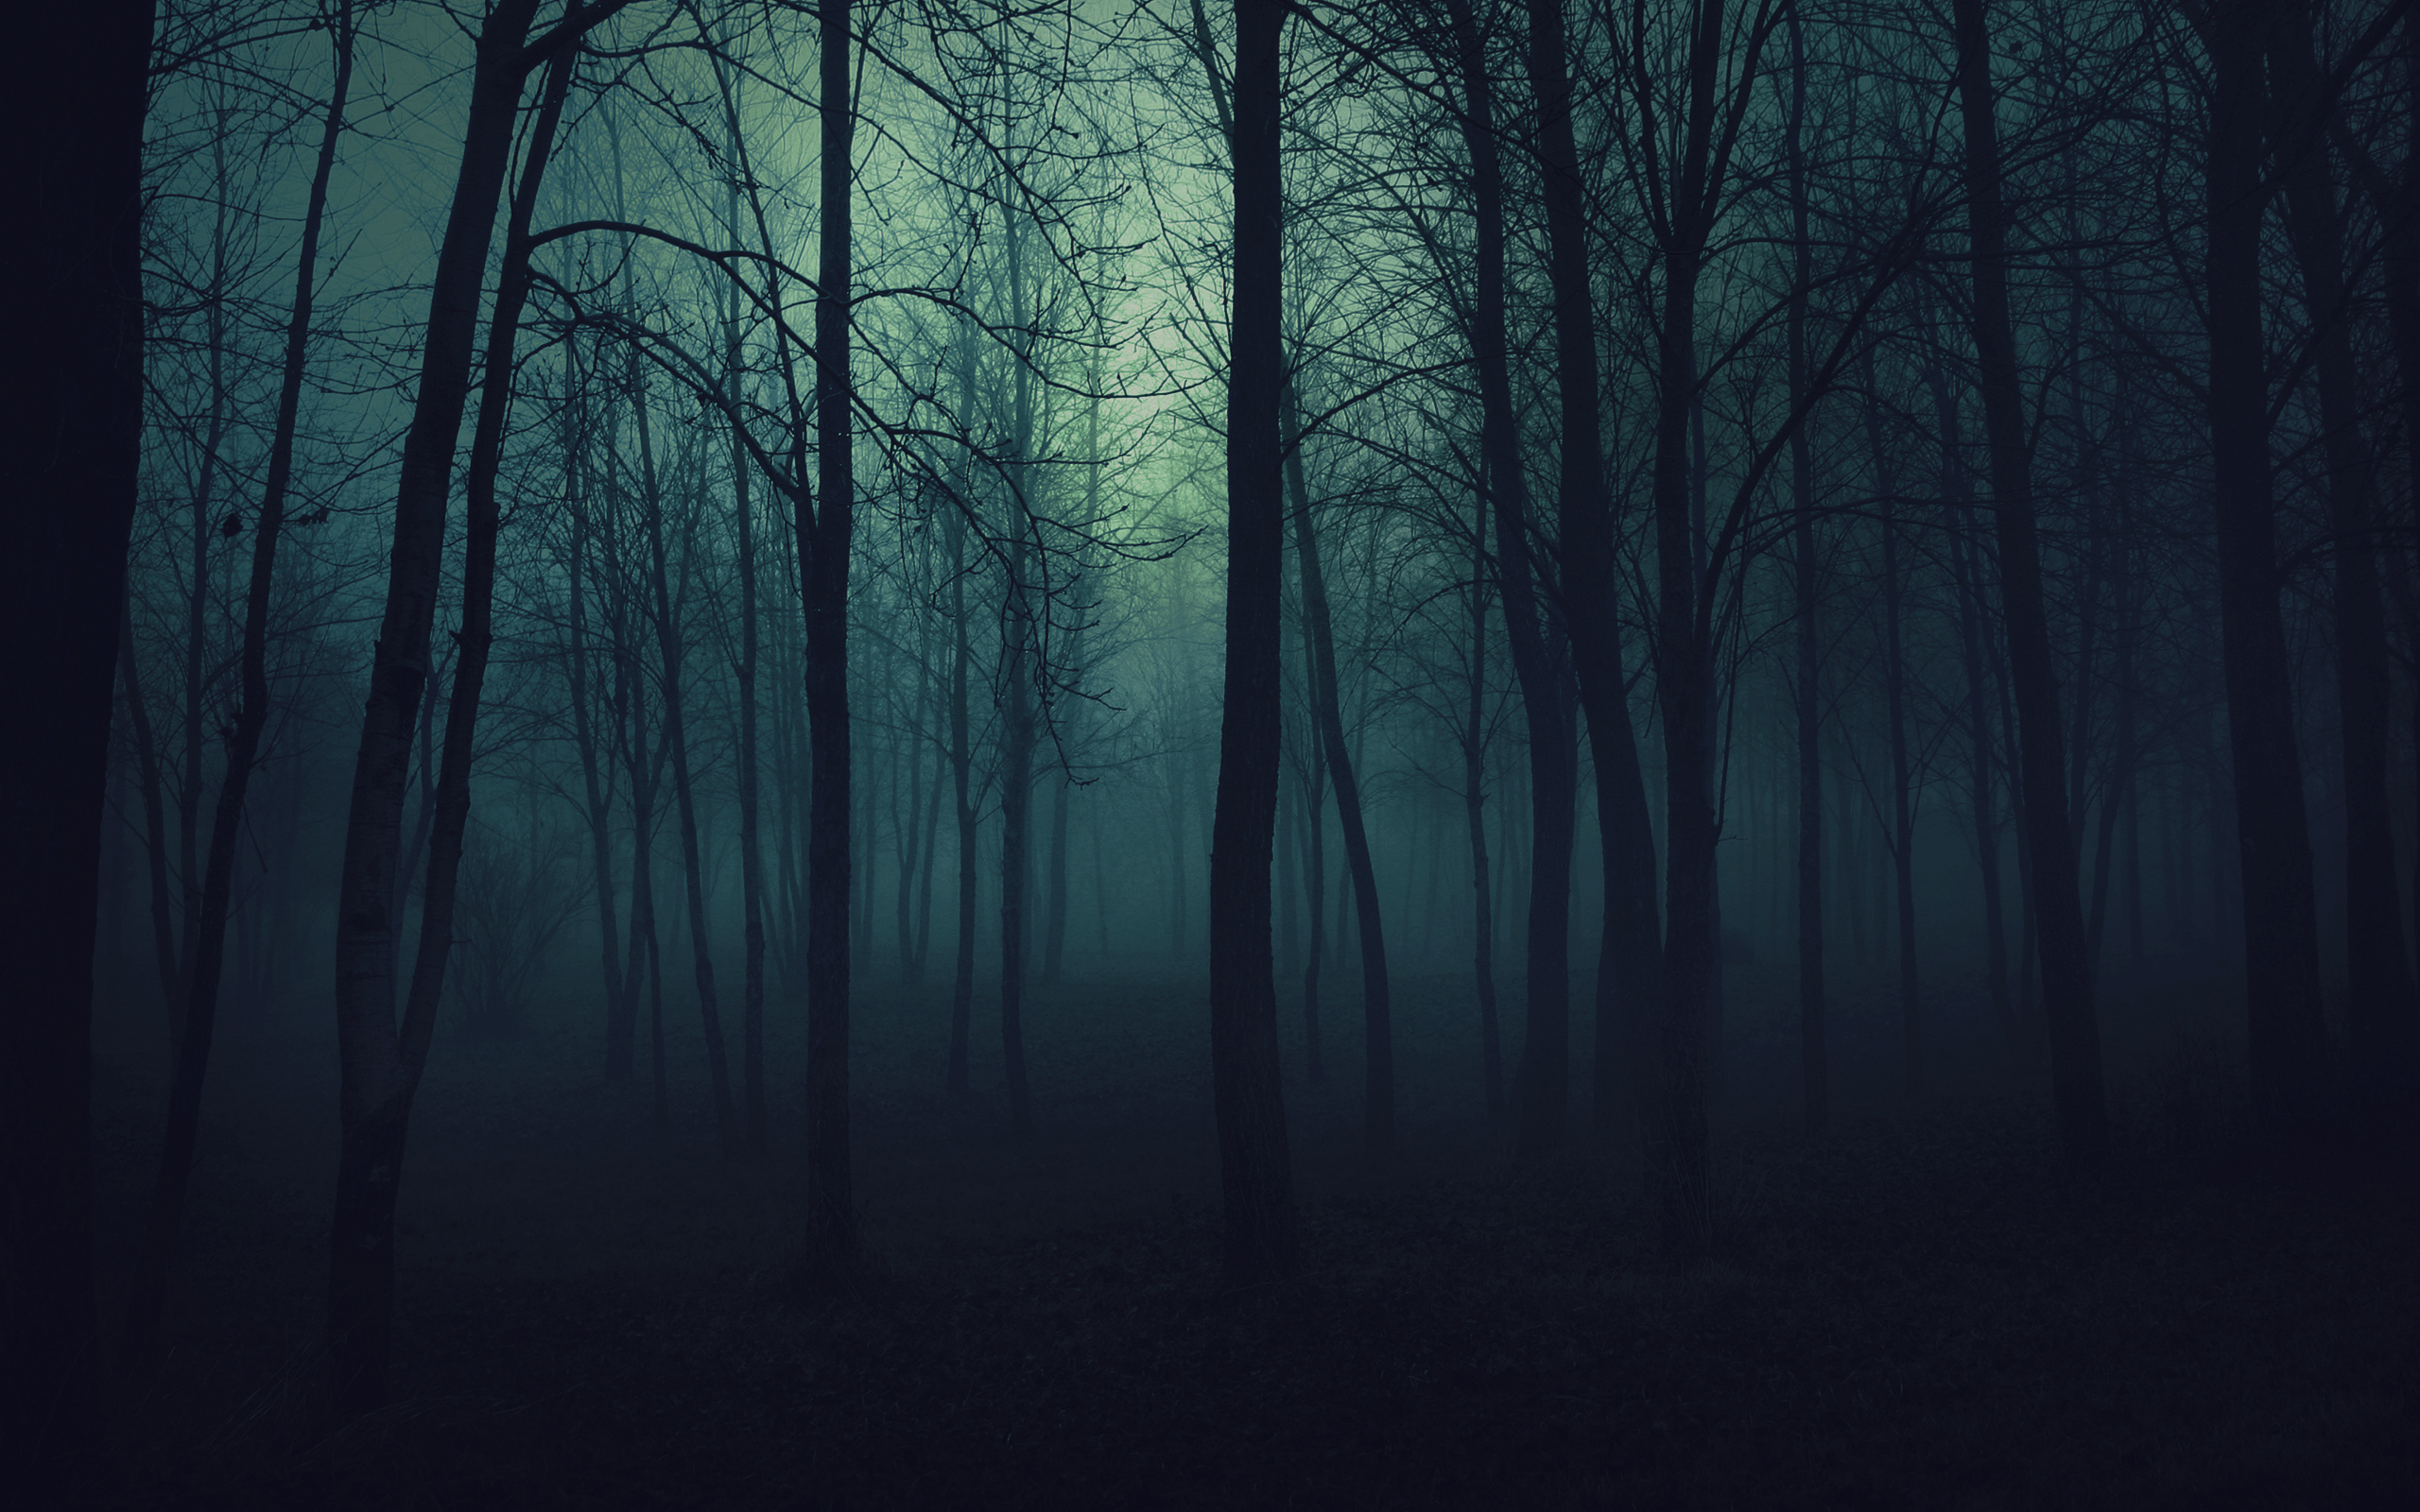 17458 скачать обои Пейзаж, Деревья, Ночь - заставки и картинки бесплатно